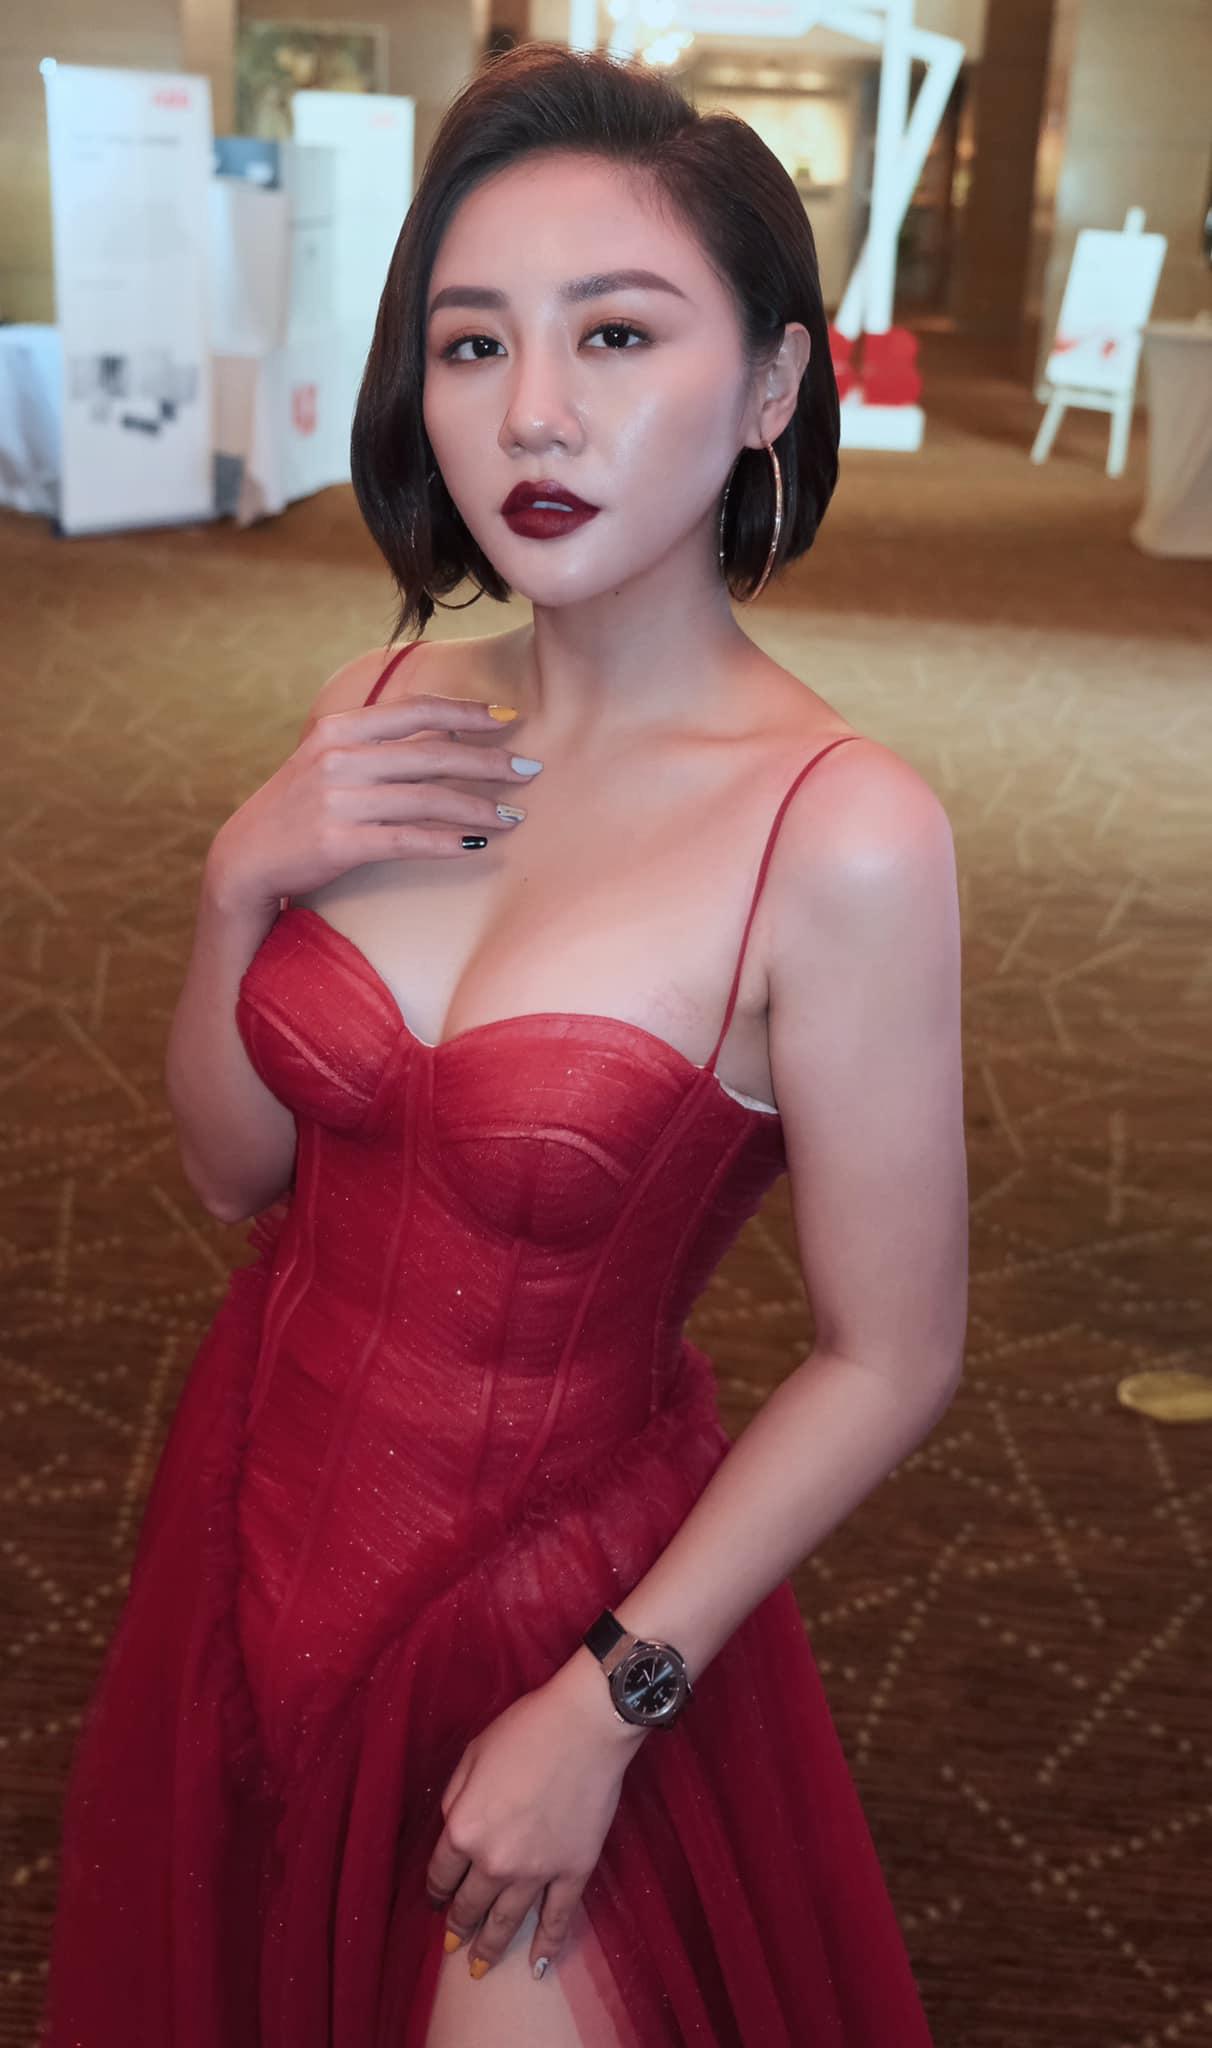 Dàn thí sinh Vietnam Idol lột xác nhan sắc sau 10 năm: Bích Phương dao kéo quá đỉnh, Văn Mai Hương - Trung Quân thay đổi ngoạn mục - Ảnh 14.